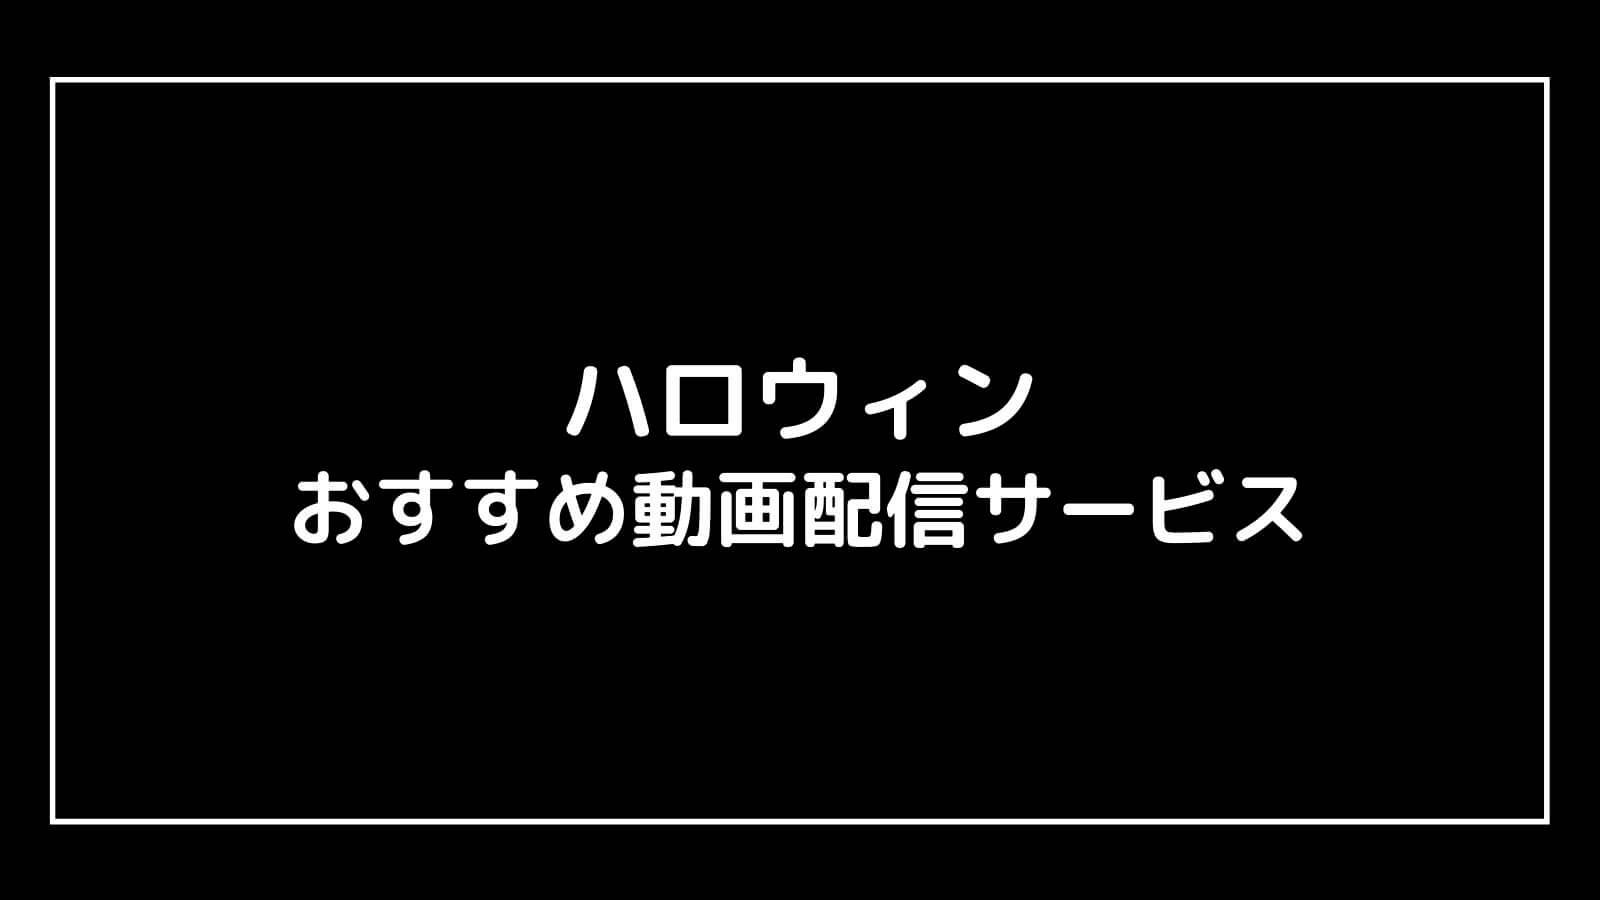 映画『ハロウィン』の無料配信を視聴できるおすすめ動画サイト【最新作の割引券あり】